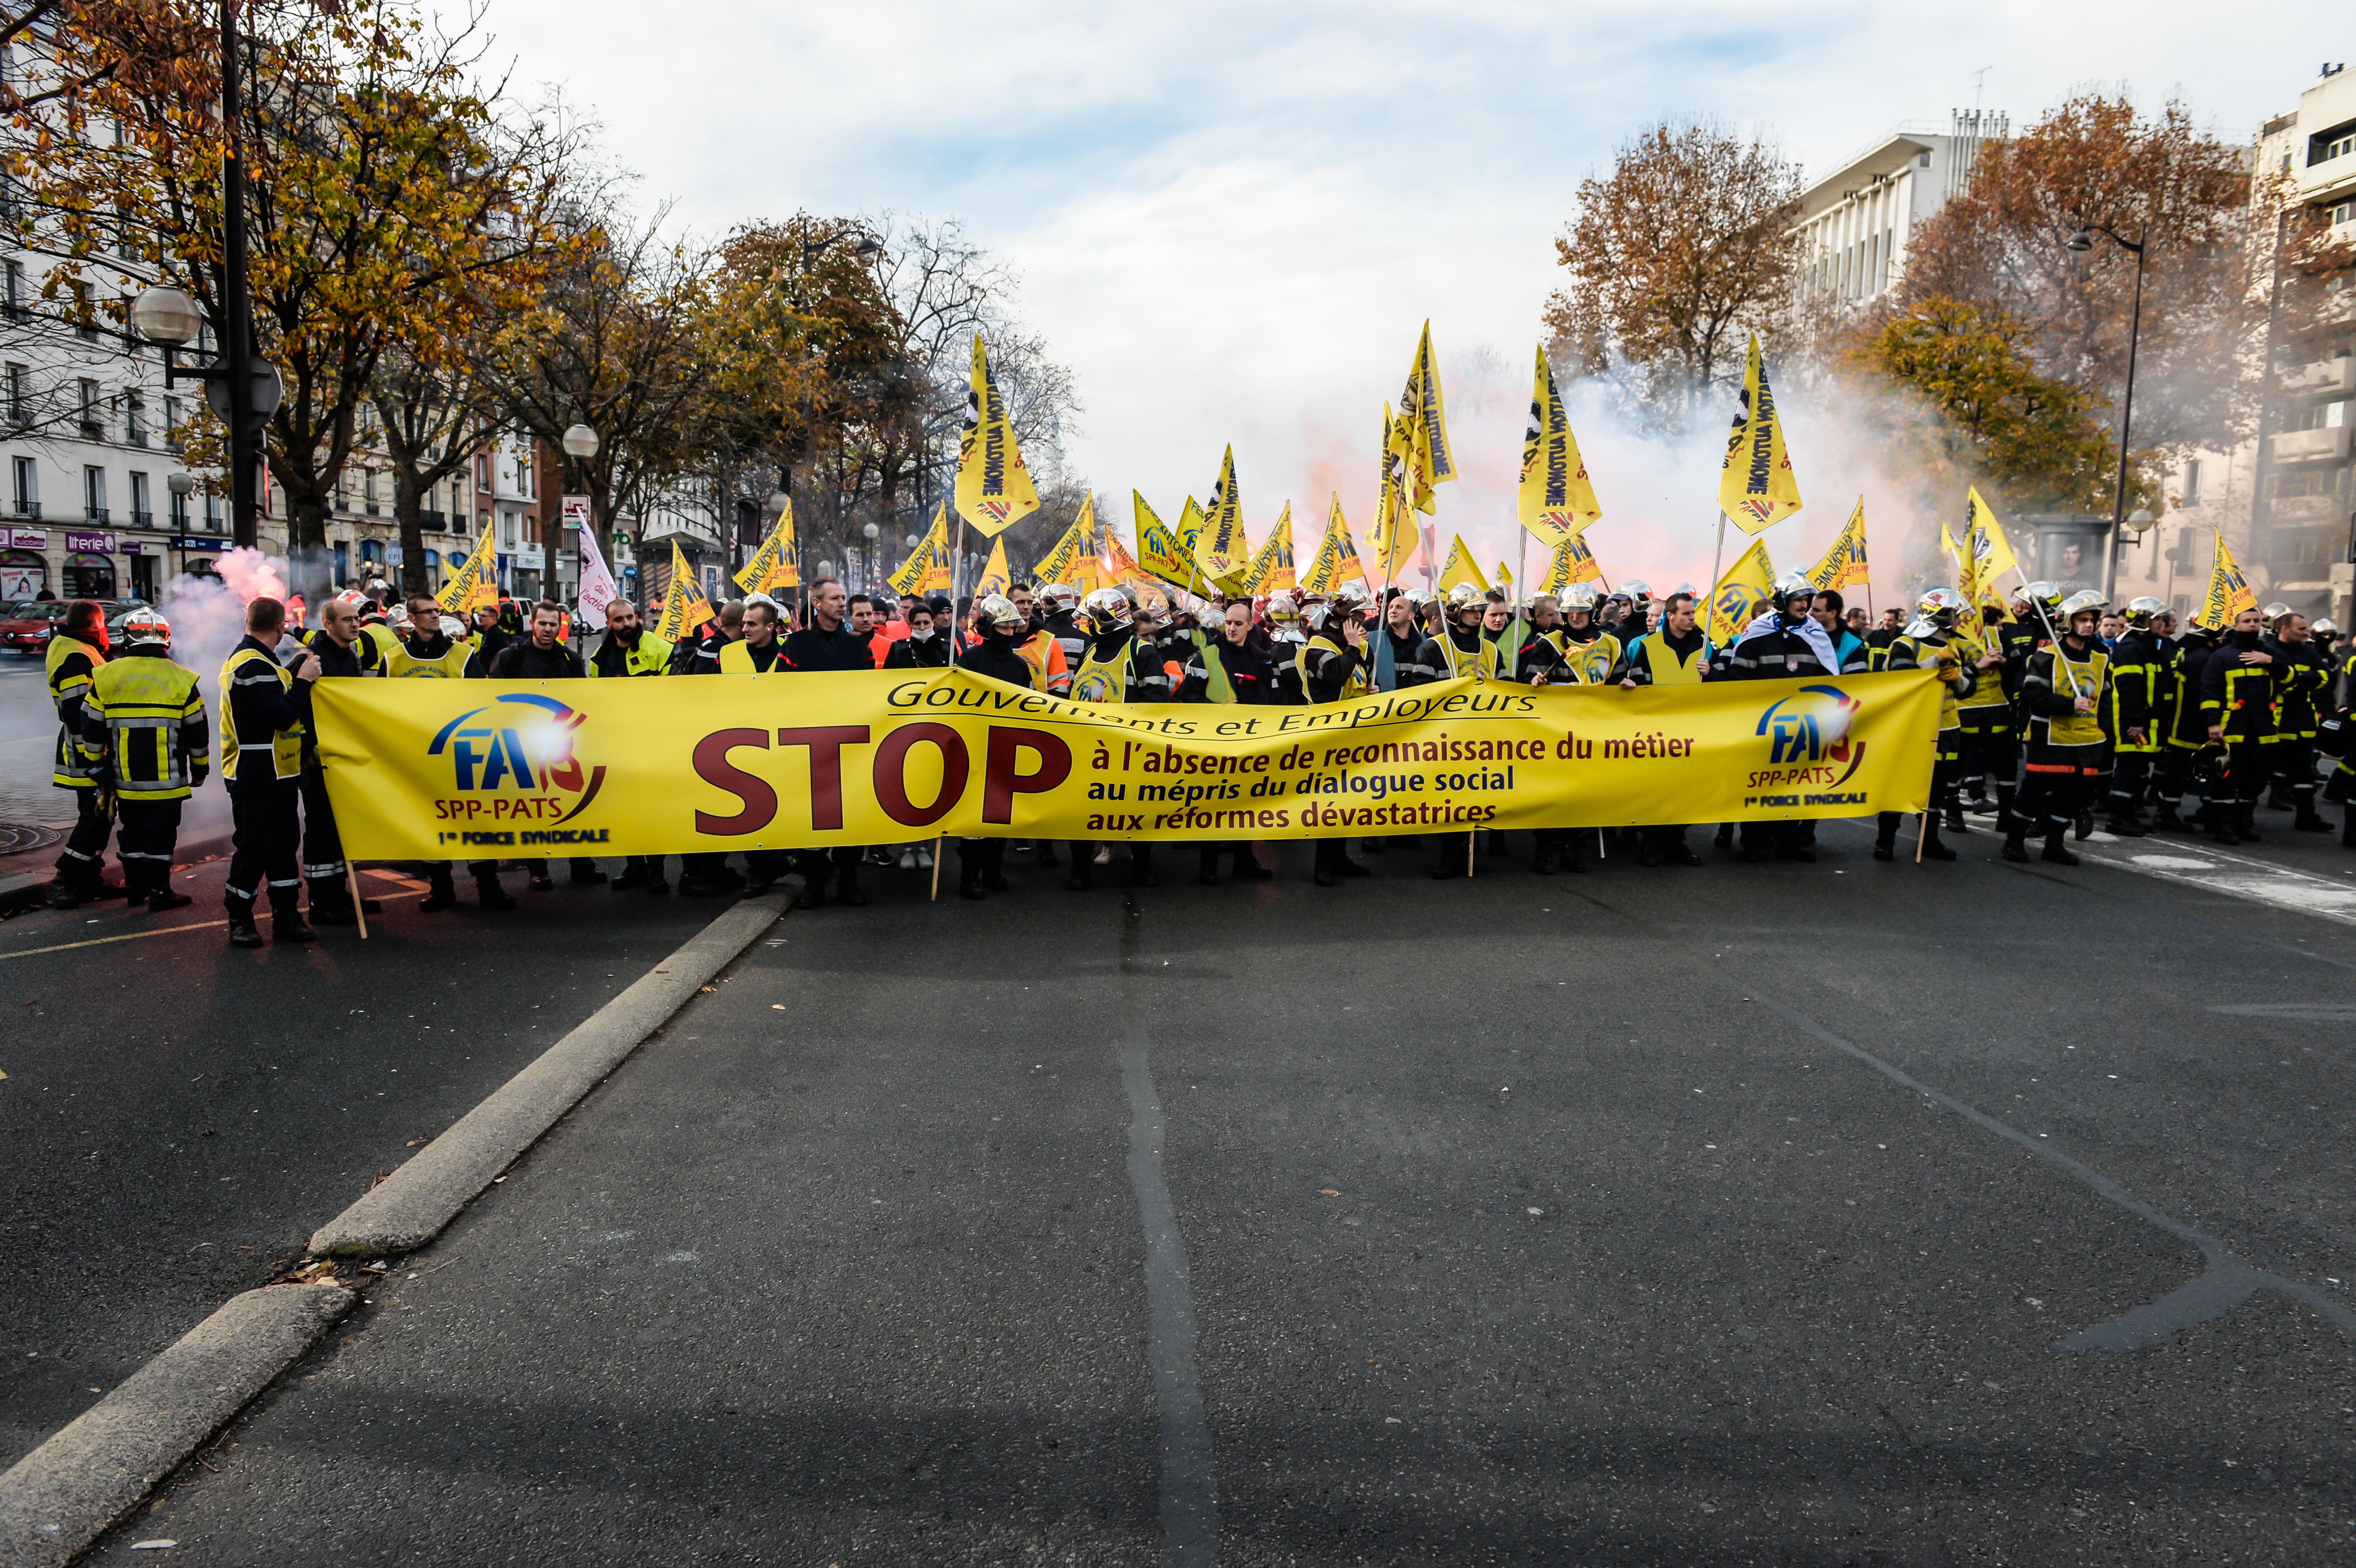 Manifestation des Sapeurs Pompiers avec la Federation Autonome des Sapeurs Pompiers SPP - PATS, 1ere force syndicale, le 24 novembre 2016 Place de la Nation à Paris pour exprimer leur mécontentement et repositionner leur métier à la place qu'il mérite. Paris, FRANCE - 24/11/2016